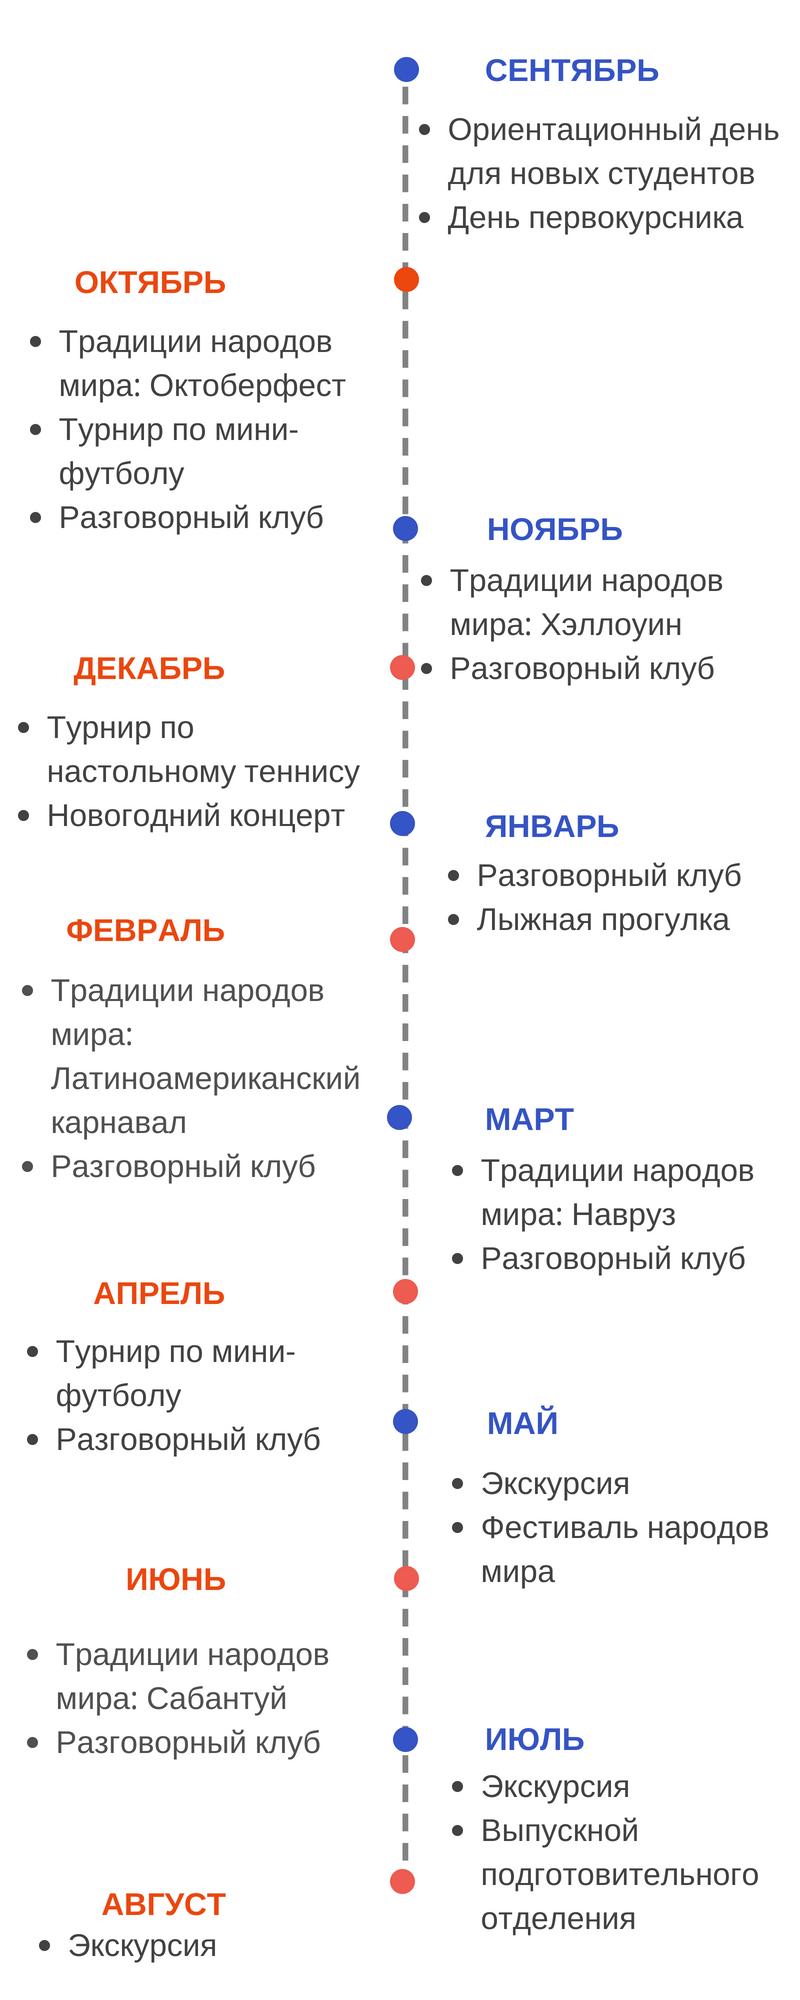 Отображение сетевого контента